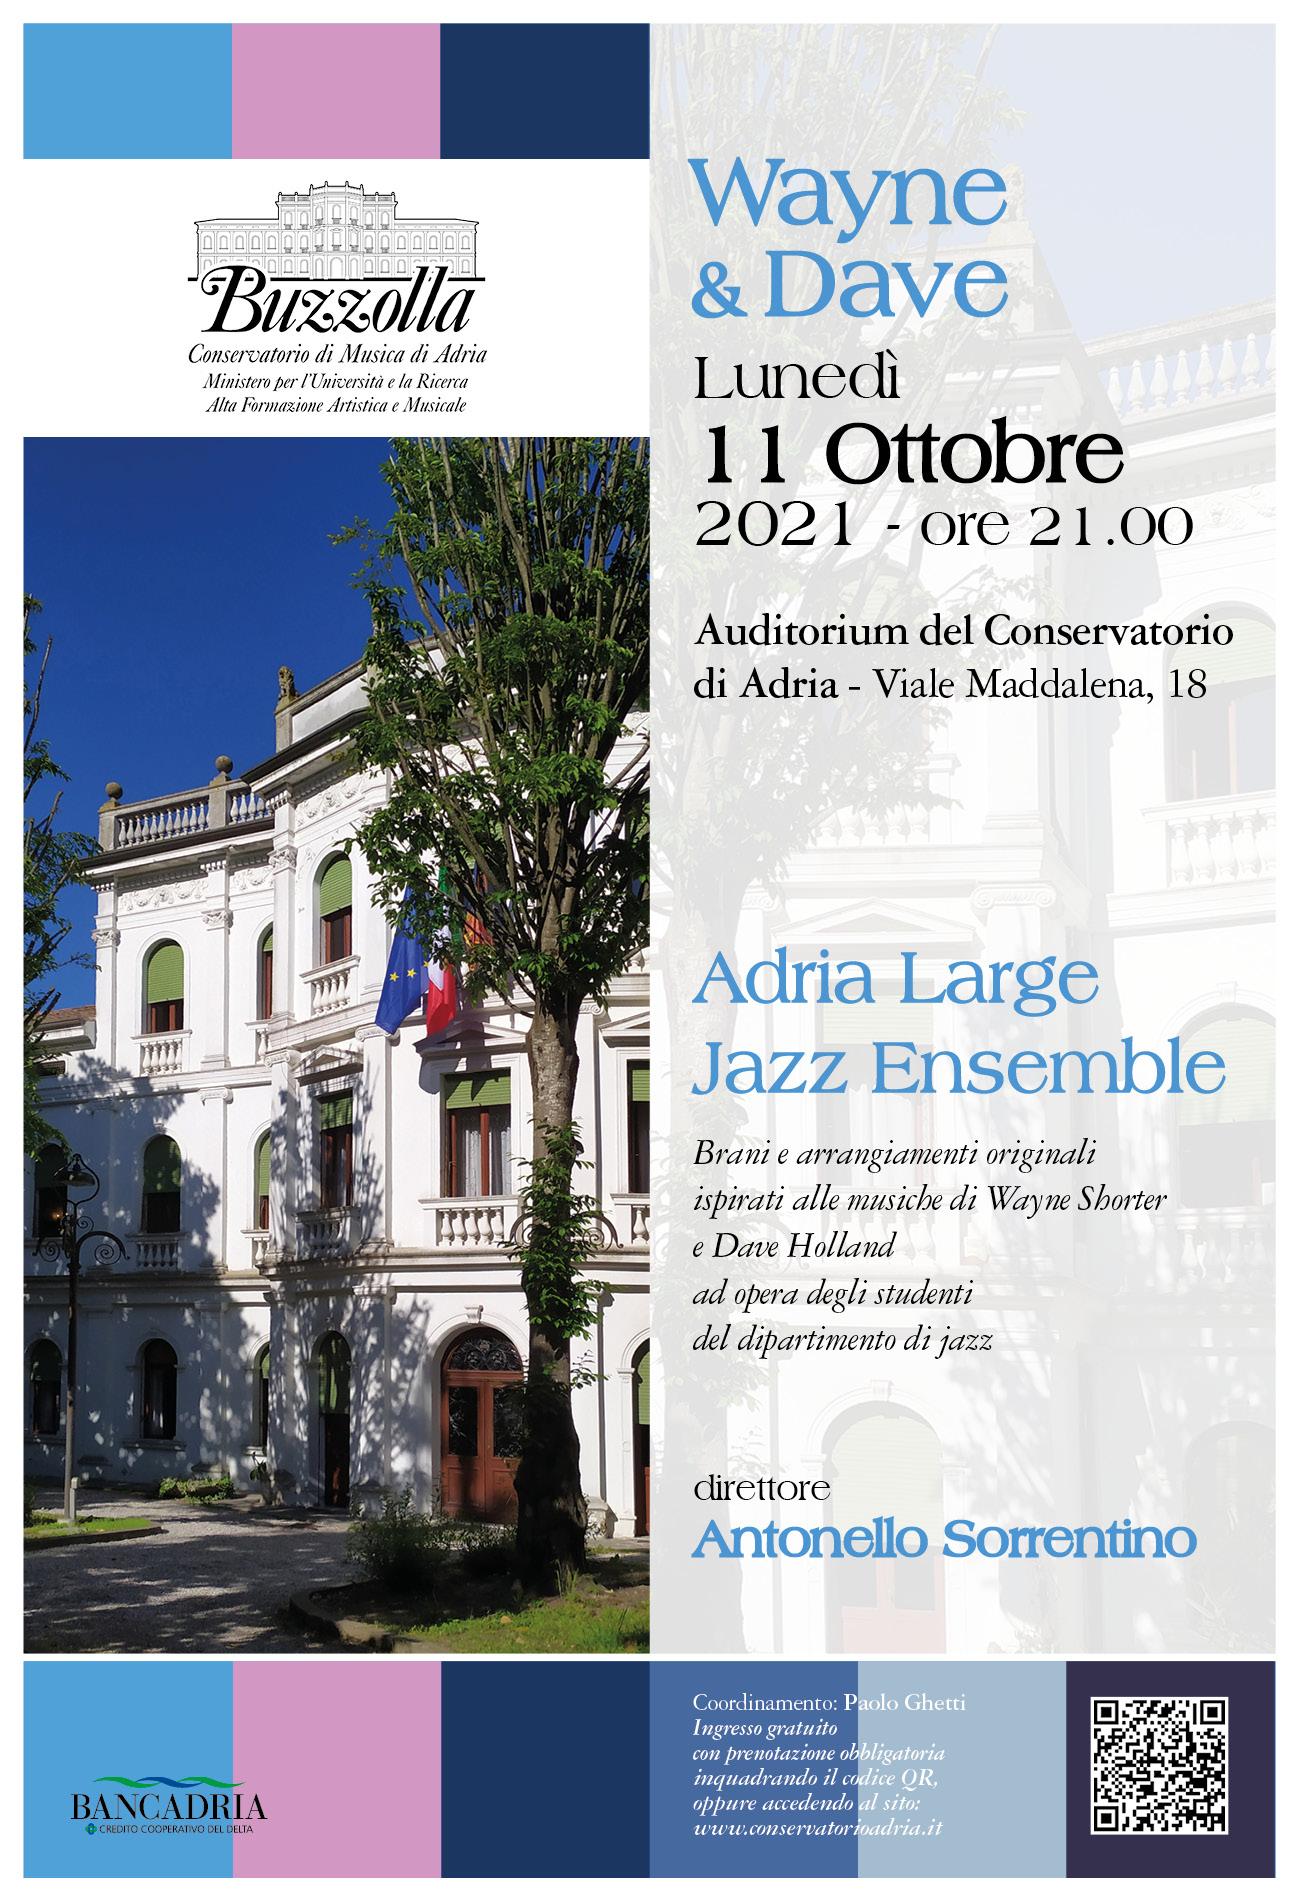 Adria Large Jazz Ensemble